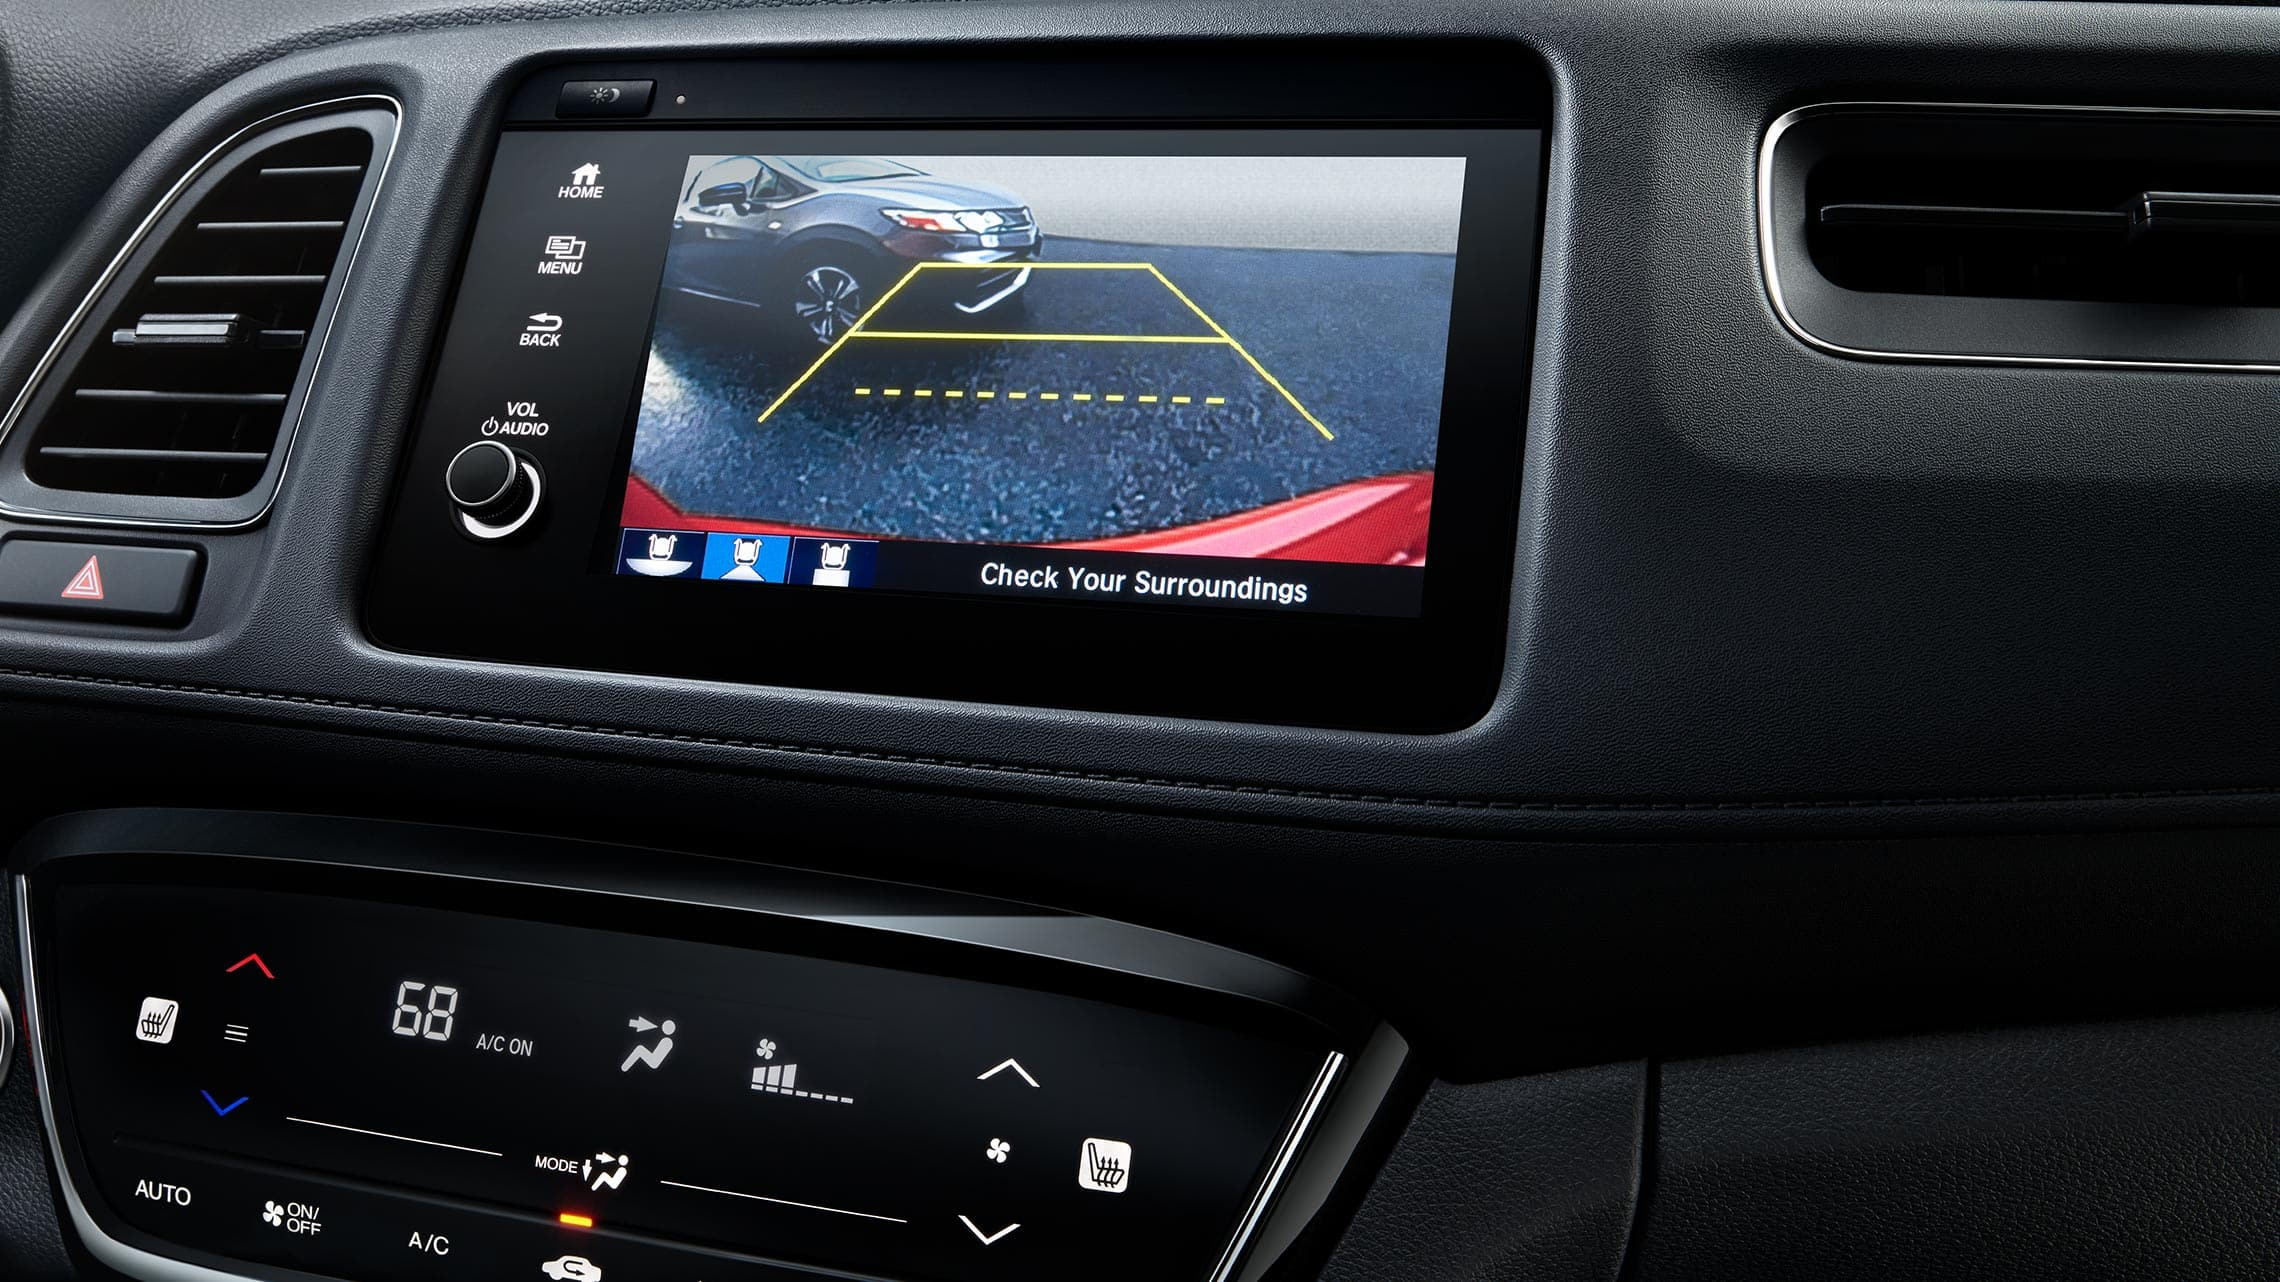 Detalle de la cámara de reversa multiángulo en el sistema de audio en pantalla táctil de la Honda HR-V Touring2020.